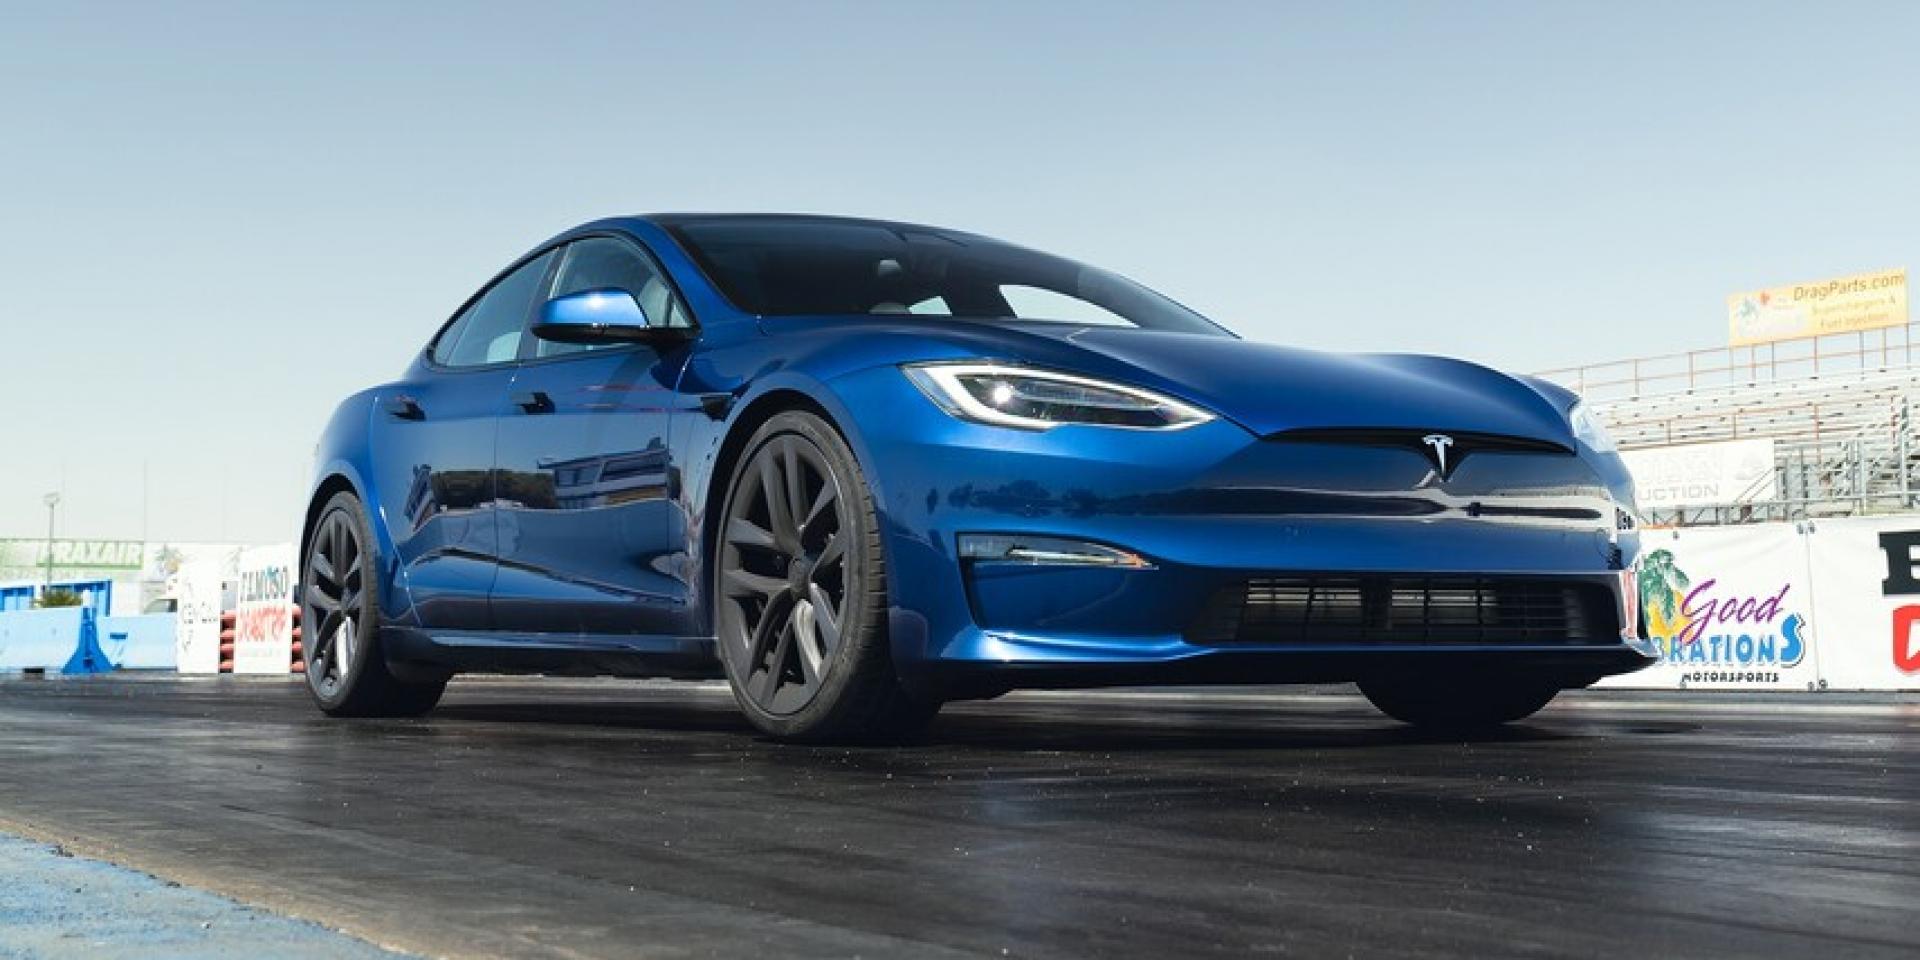 2秒內完成0-96km/h只是騙人!Tesla Model S Plaid其實沒這麼快!